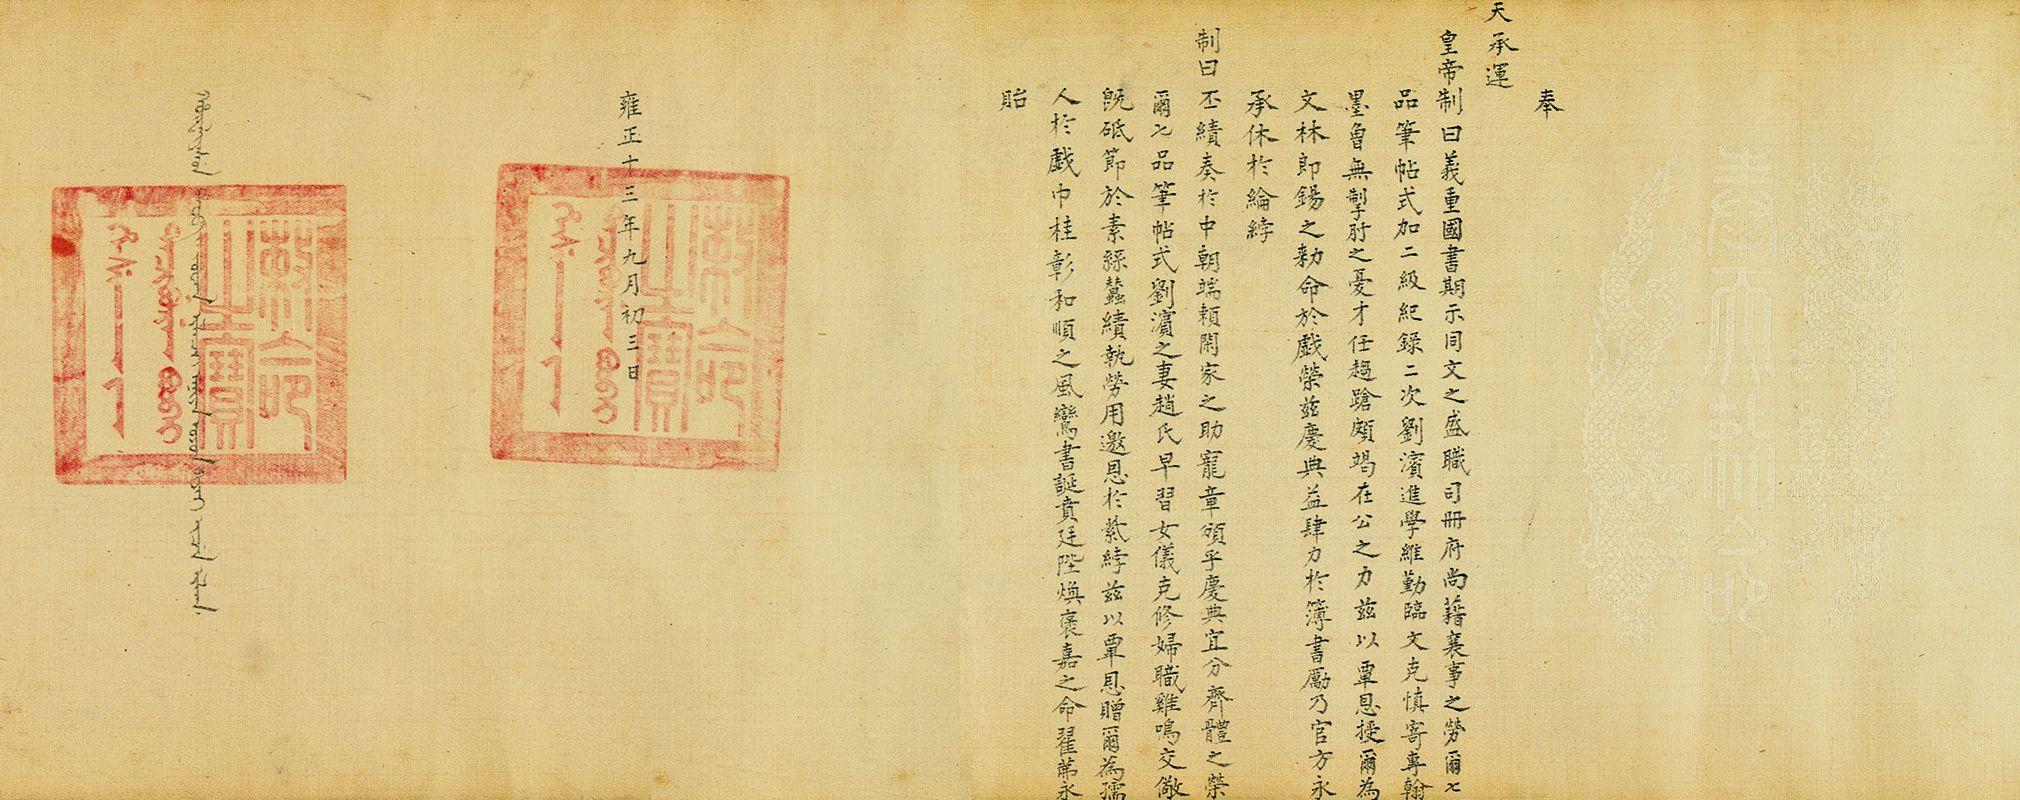 雍正十三年九月初三日刘滨夫妇敕命